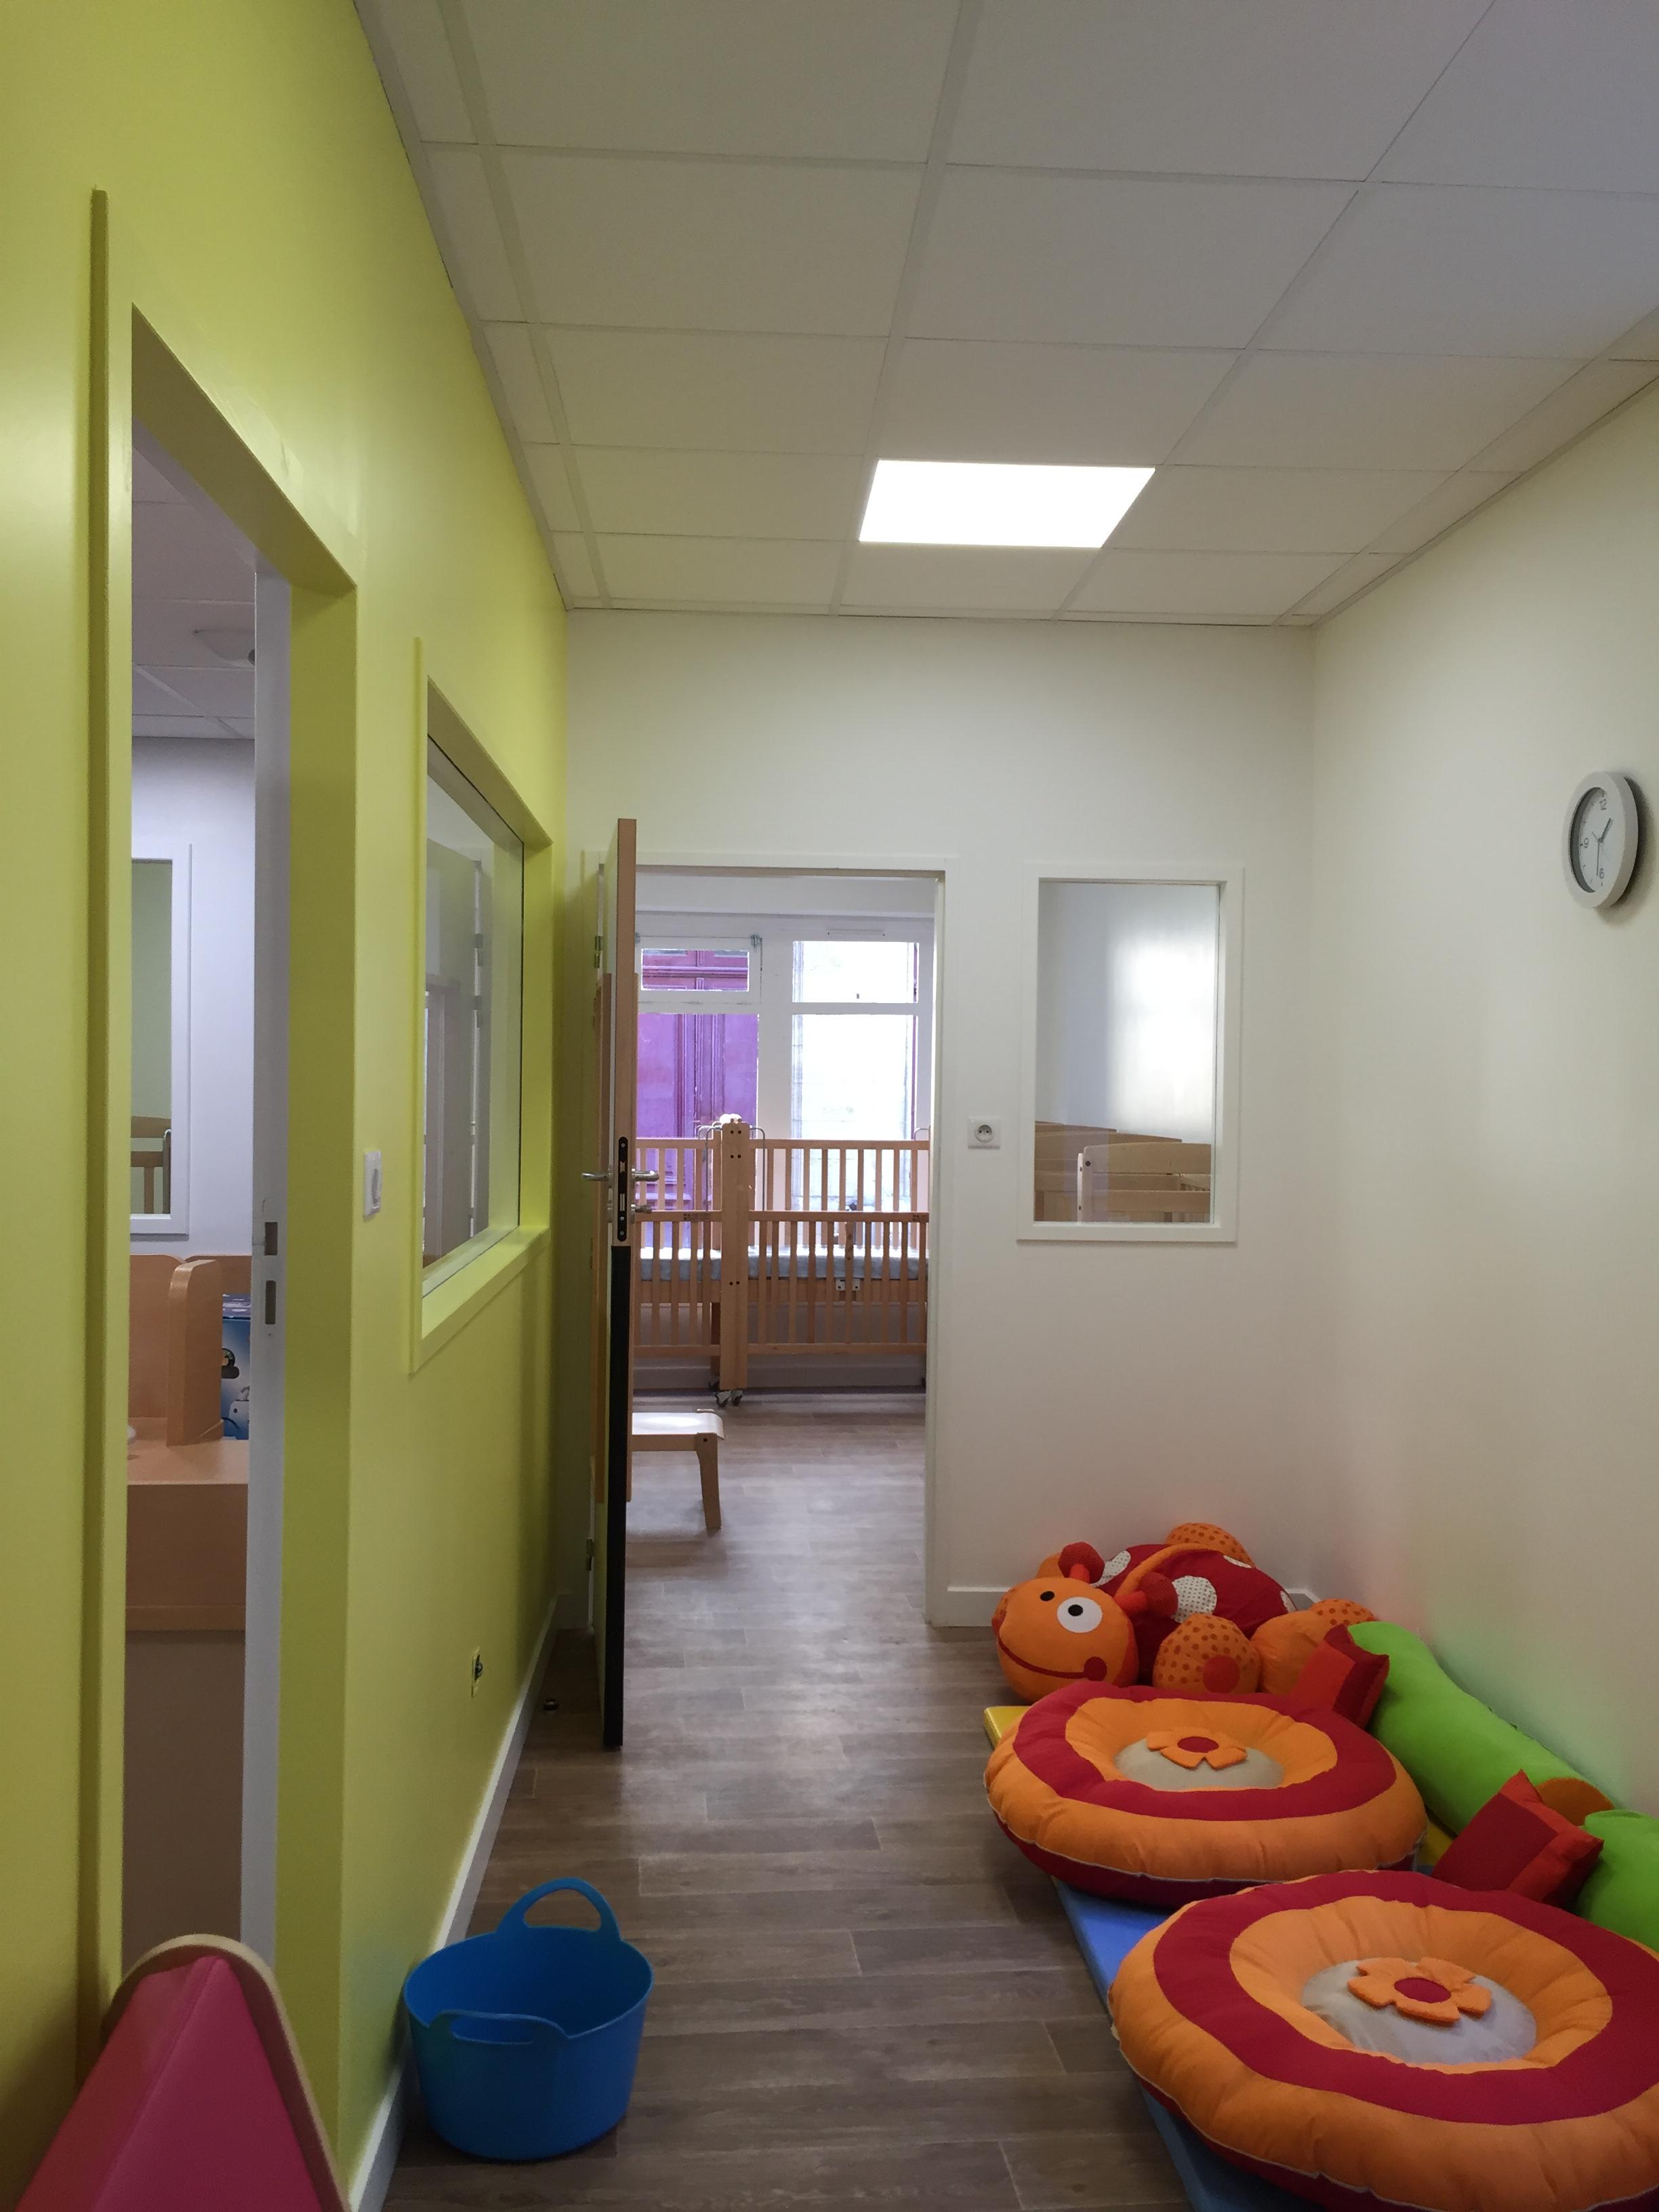 cr che cadet rousselle bordeaux gironde pour la garde d 39 enfant la maison bleue. Black Bedroom Furniture Sets. Home Design Ideas